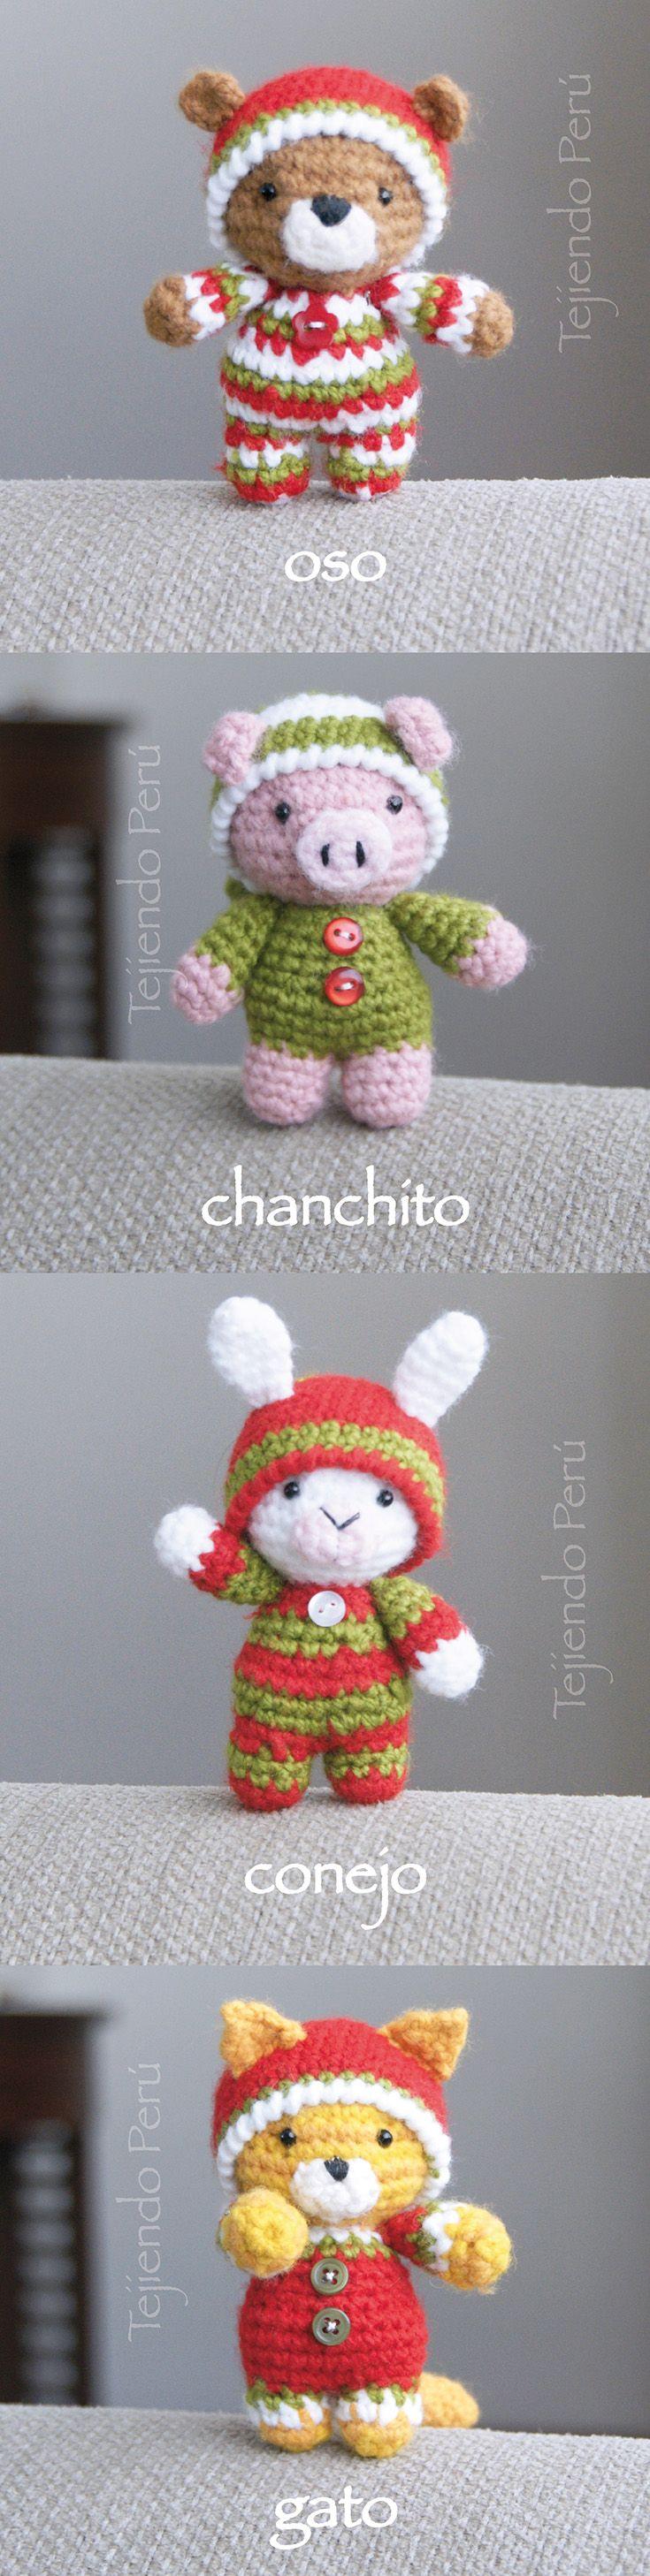 Oso, gato, chanchito y conejo bebés en pijamas esperando Navidad! Están tejidos a crochet (amigurumi). Vídeo tutorial del paso a paso!